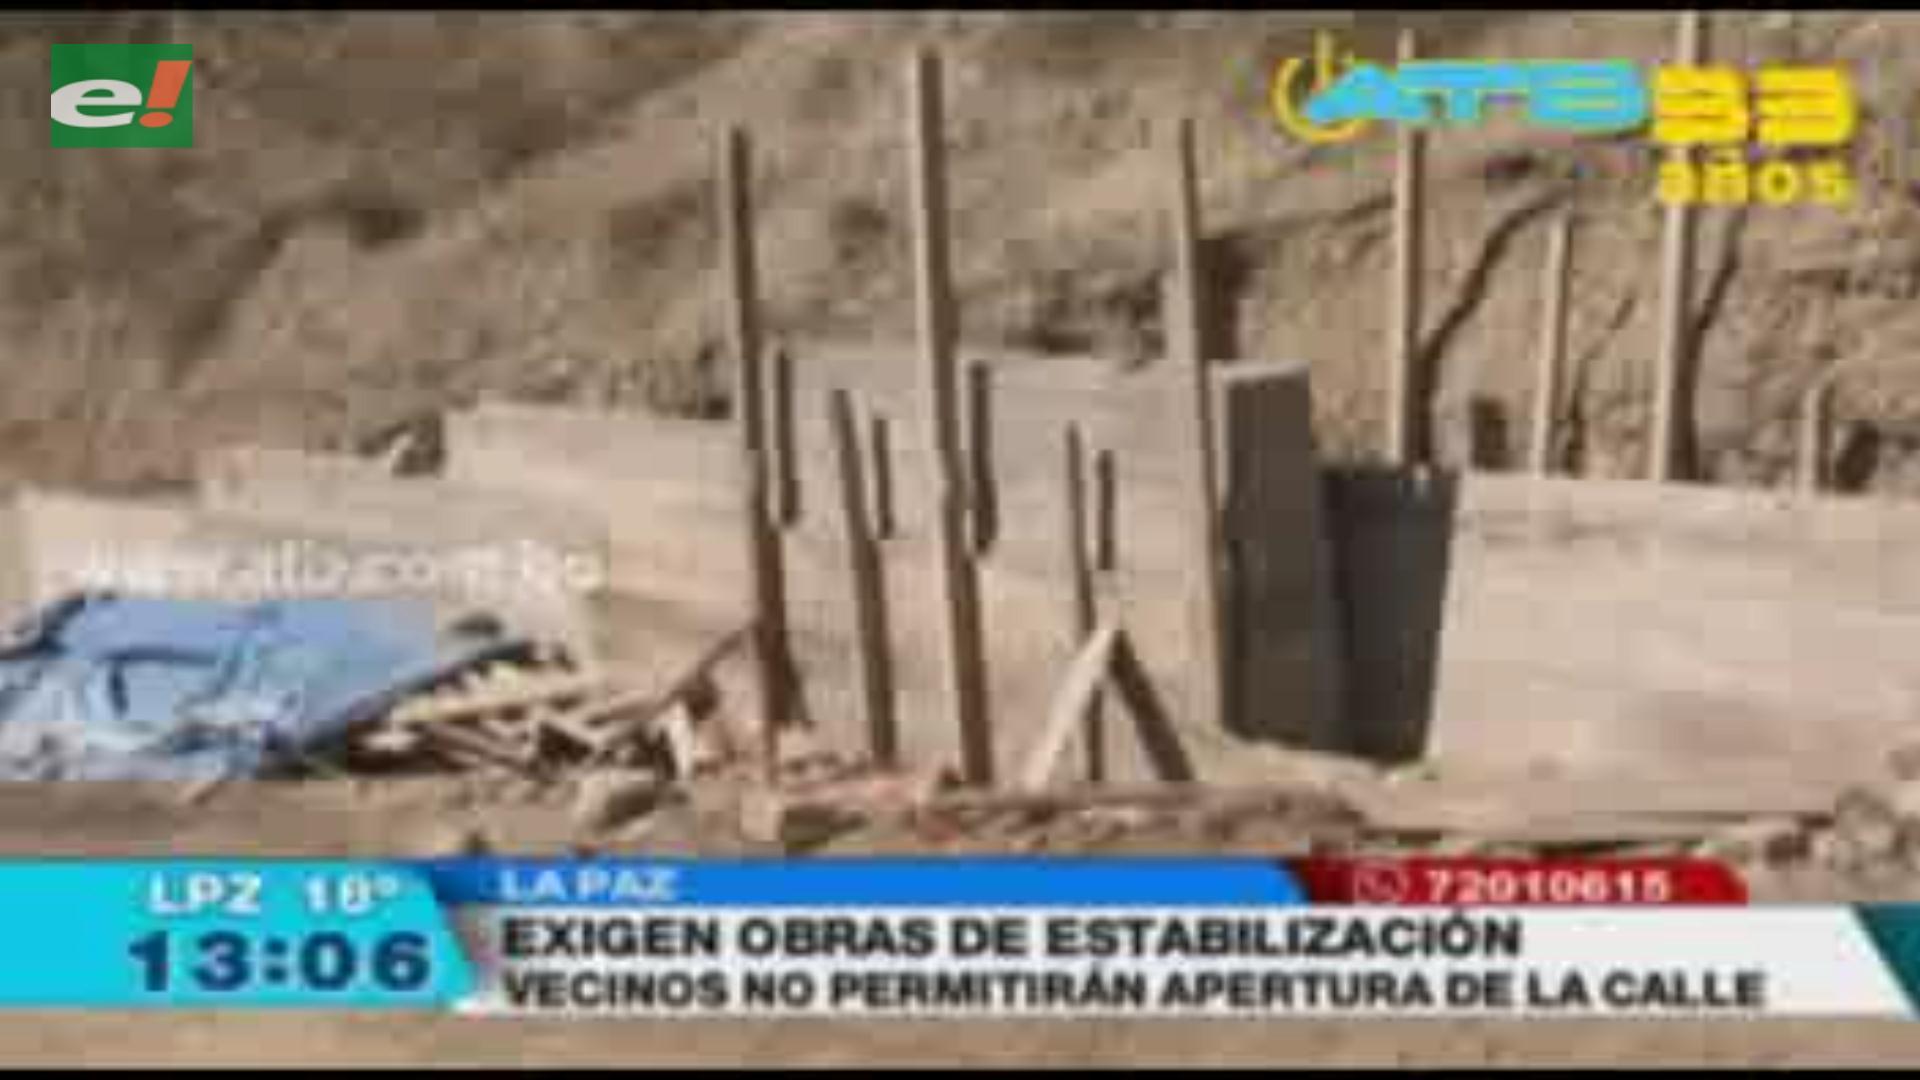 Vecinos de San Juan Lazareto piden obras de estabilización tras deslizamiento de talud